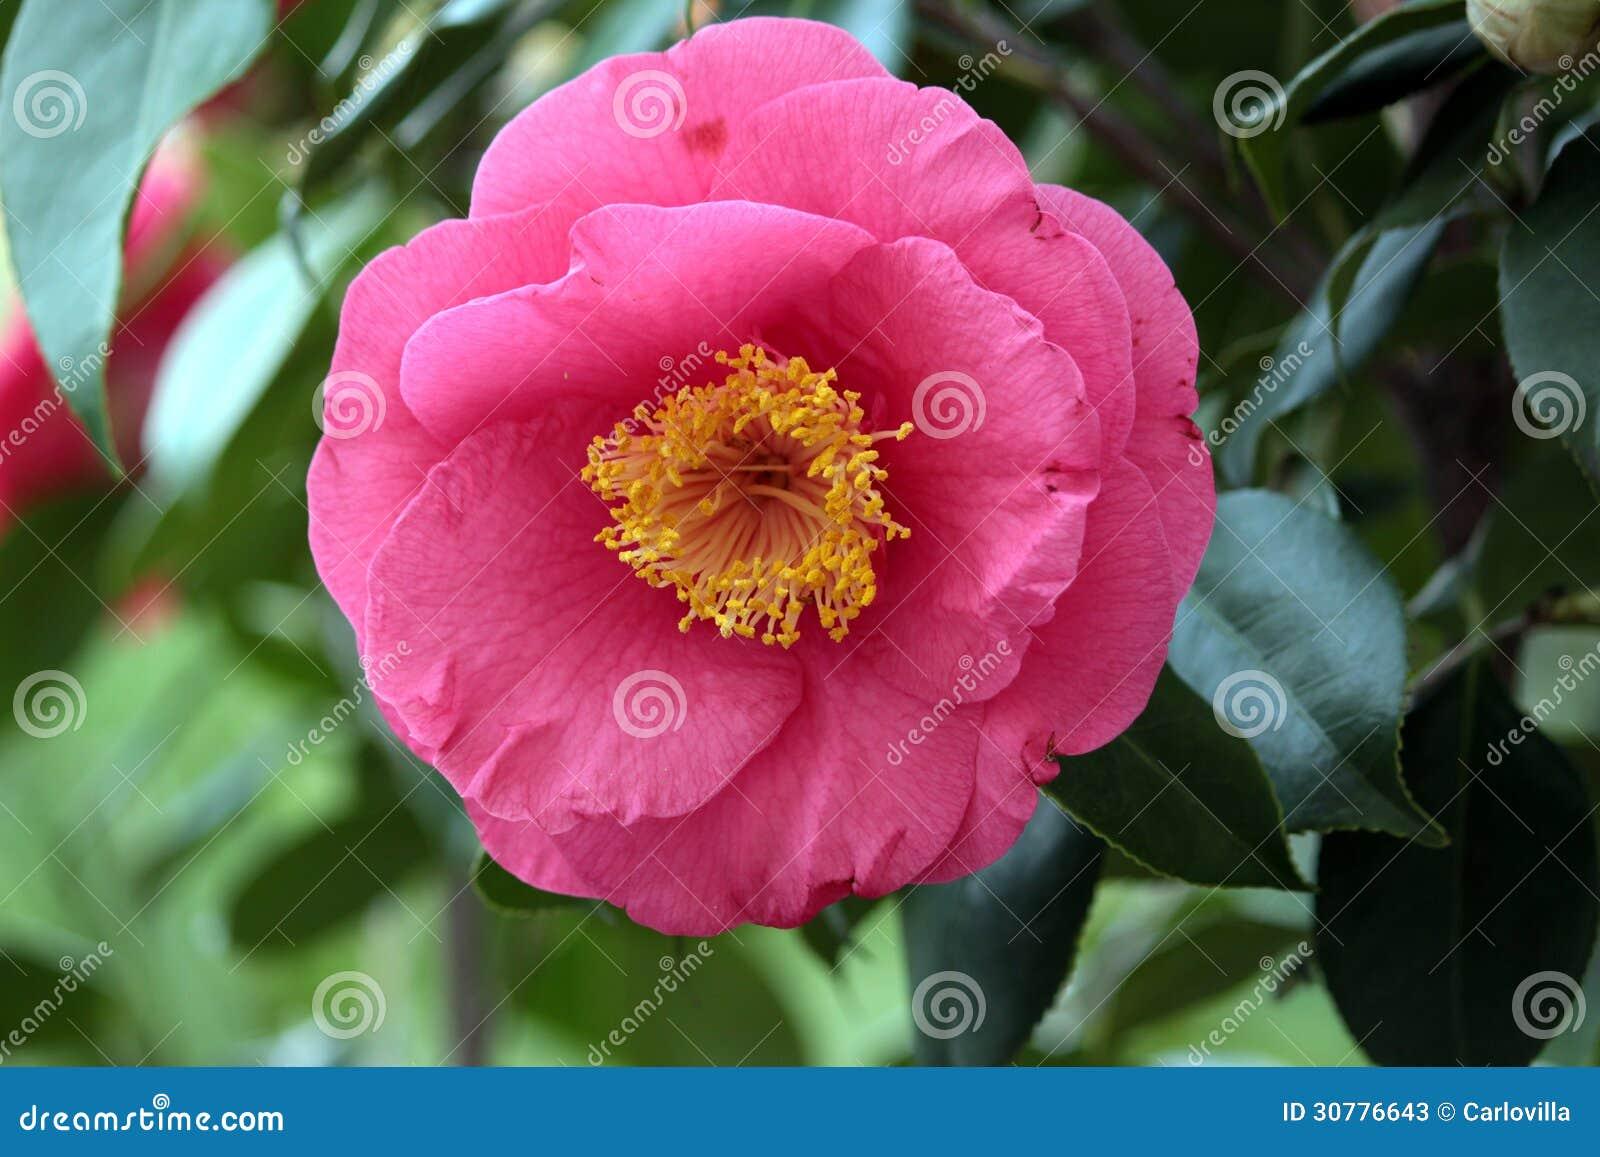 Camellia stock photos image 30776643 - Camelia fotos ...